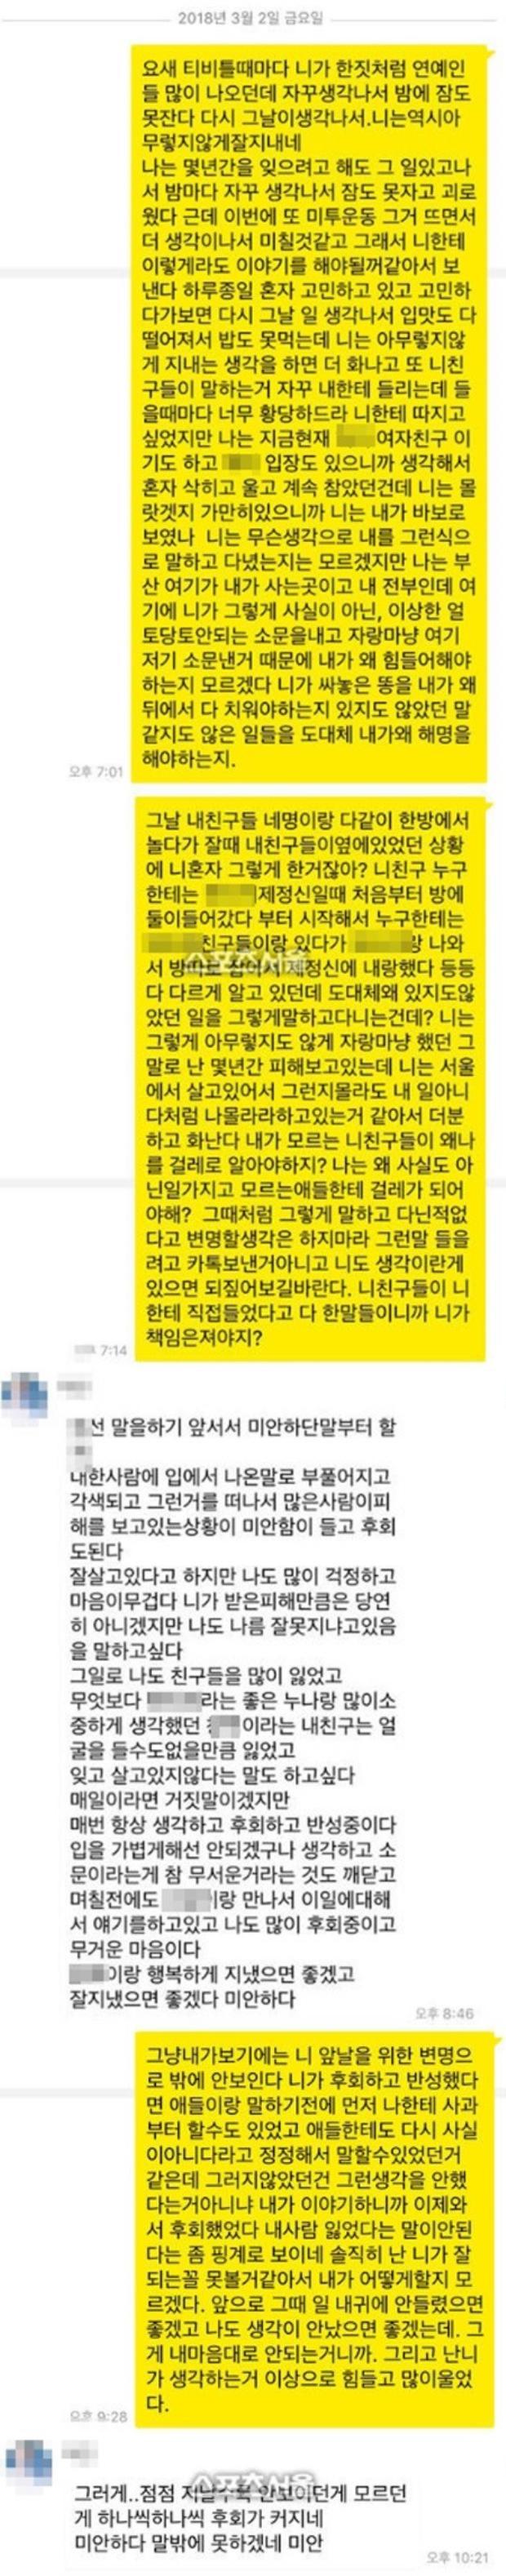 Tin nhắn tố cáo của nạn nhân bị quấy rối tình dục gây chú ý.